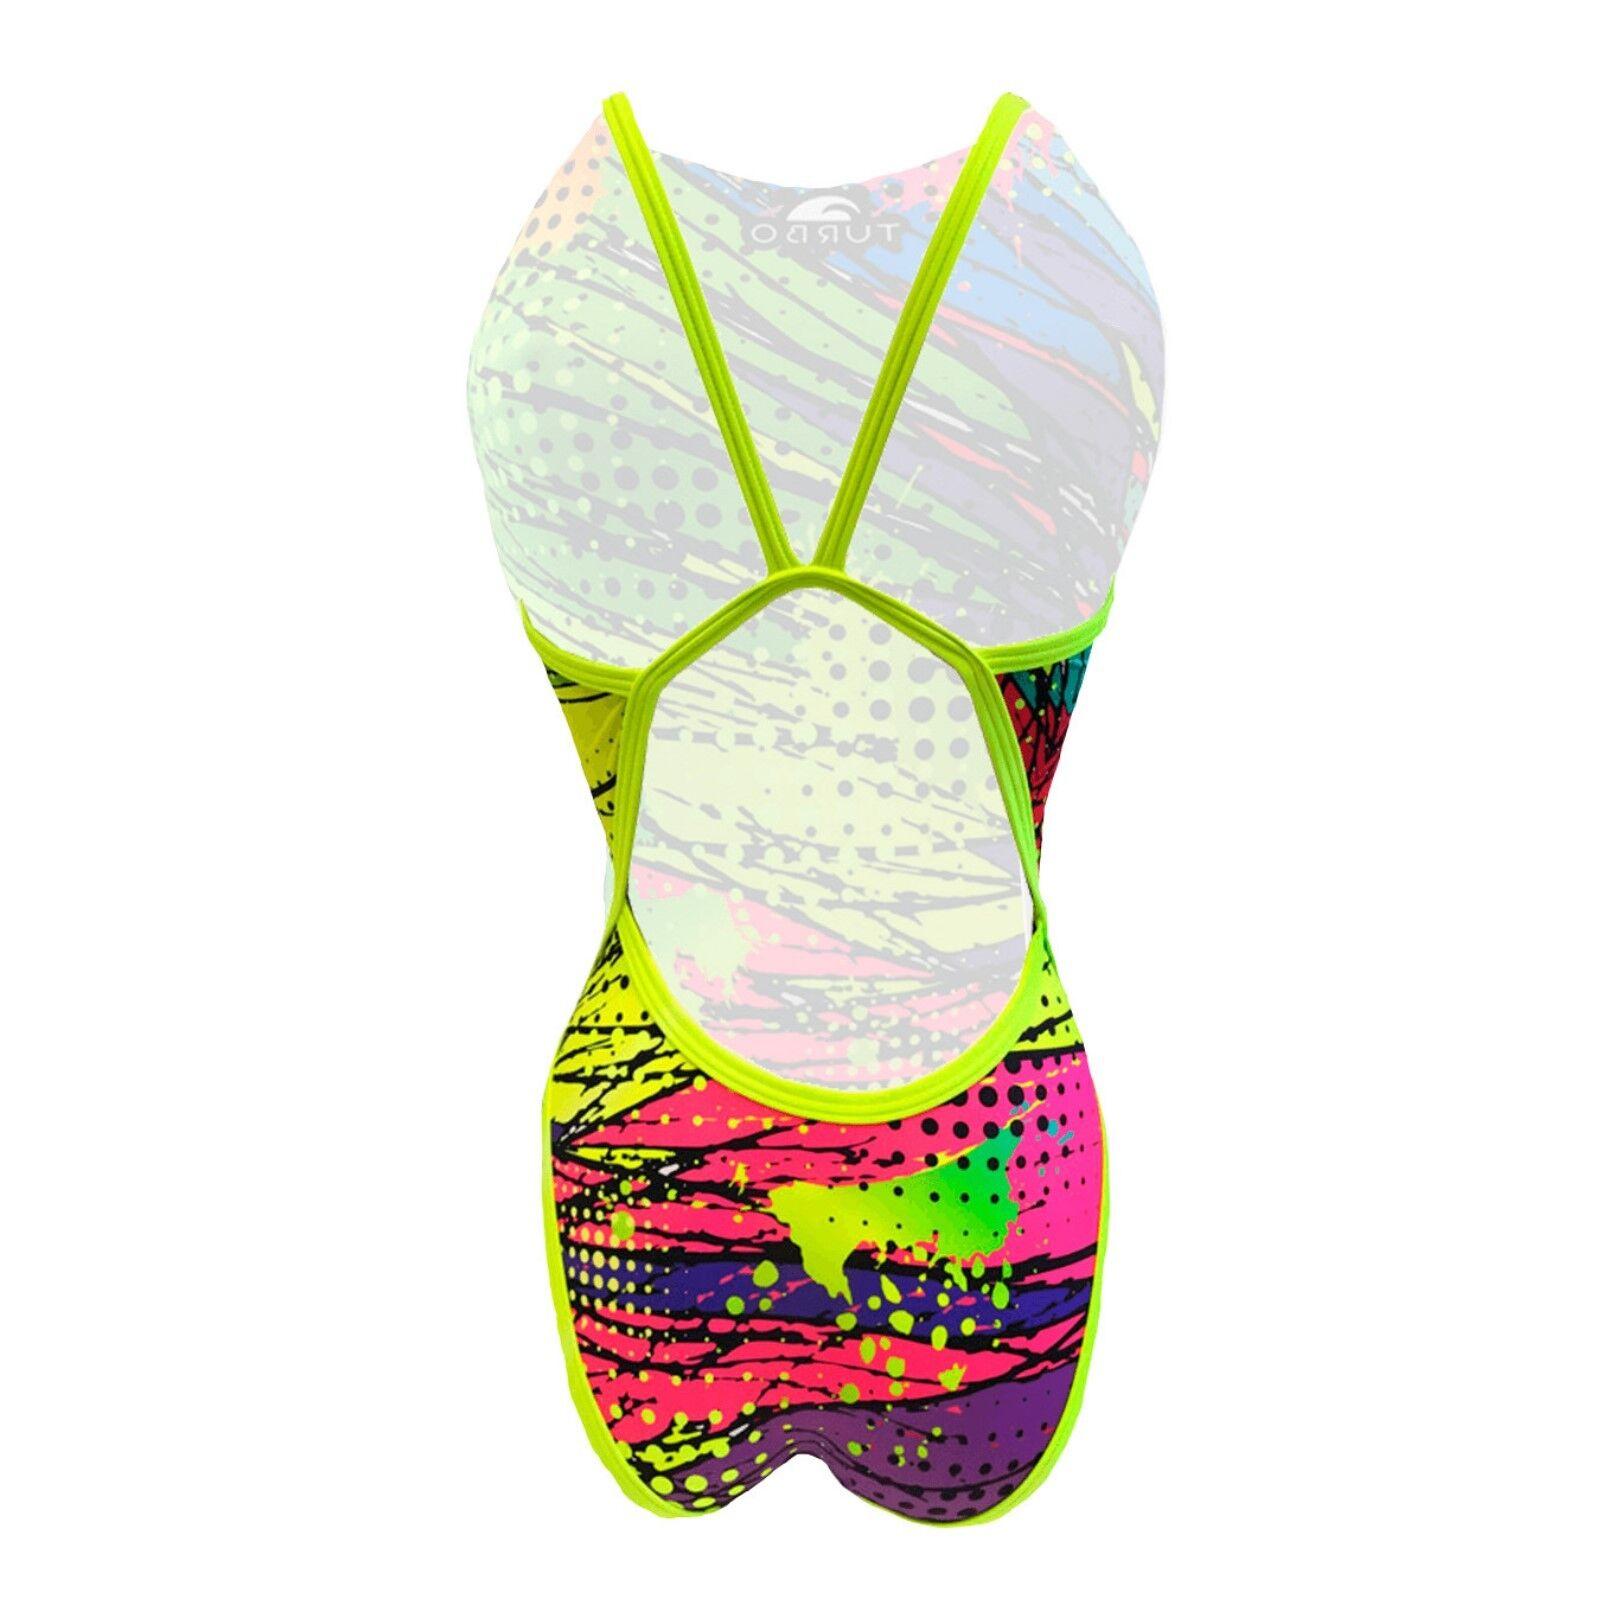 Turbo Damen Badeanzug Kriptonie Schwimmanzug Schwimmanzug Schwimmanzug Frauen Bunt  34-44 Urlaub Meer | Optimaler Preis  | Mangelware  | Moderne Muster  de72d0